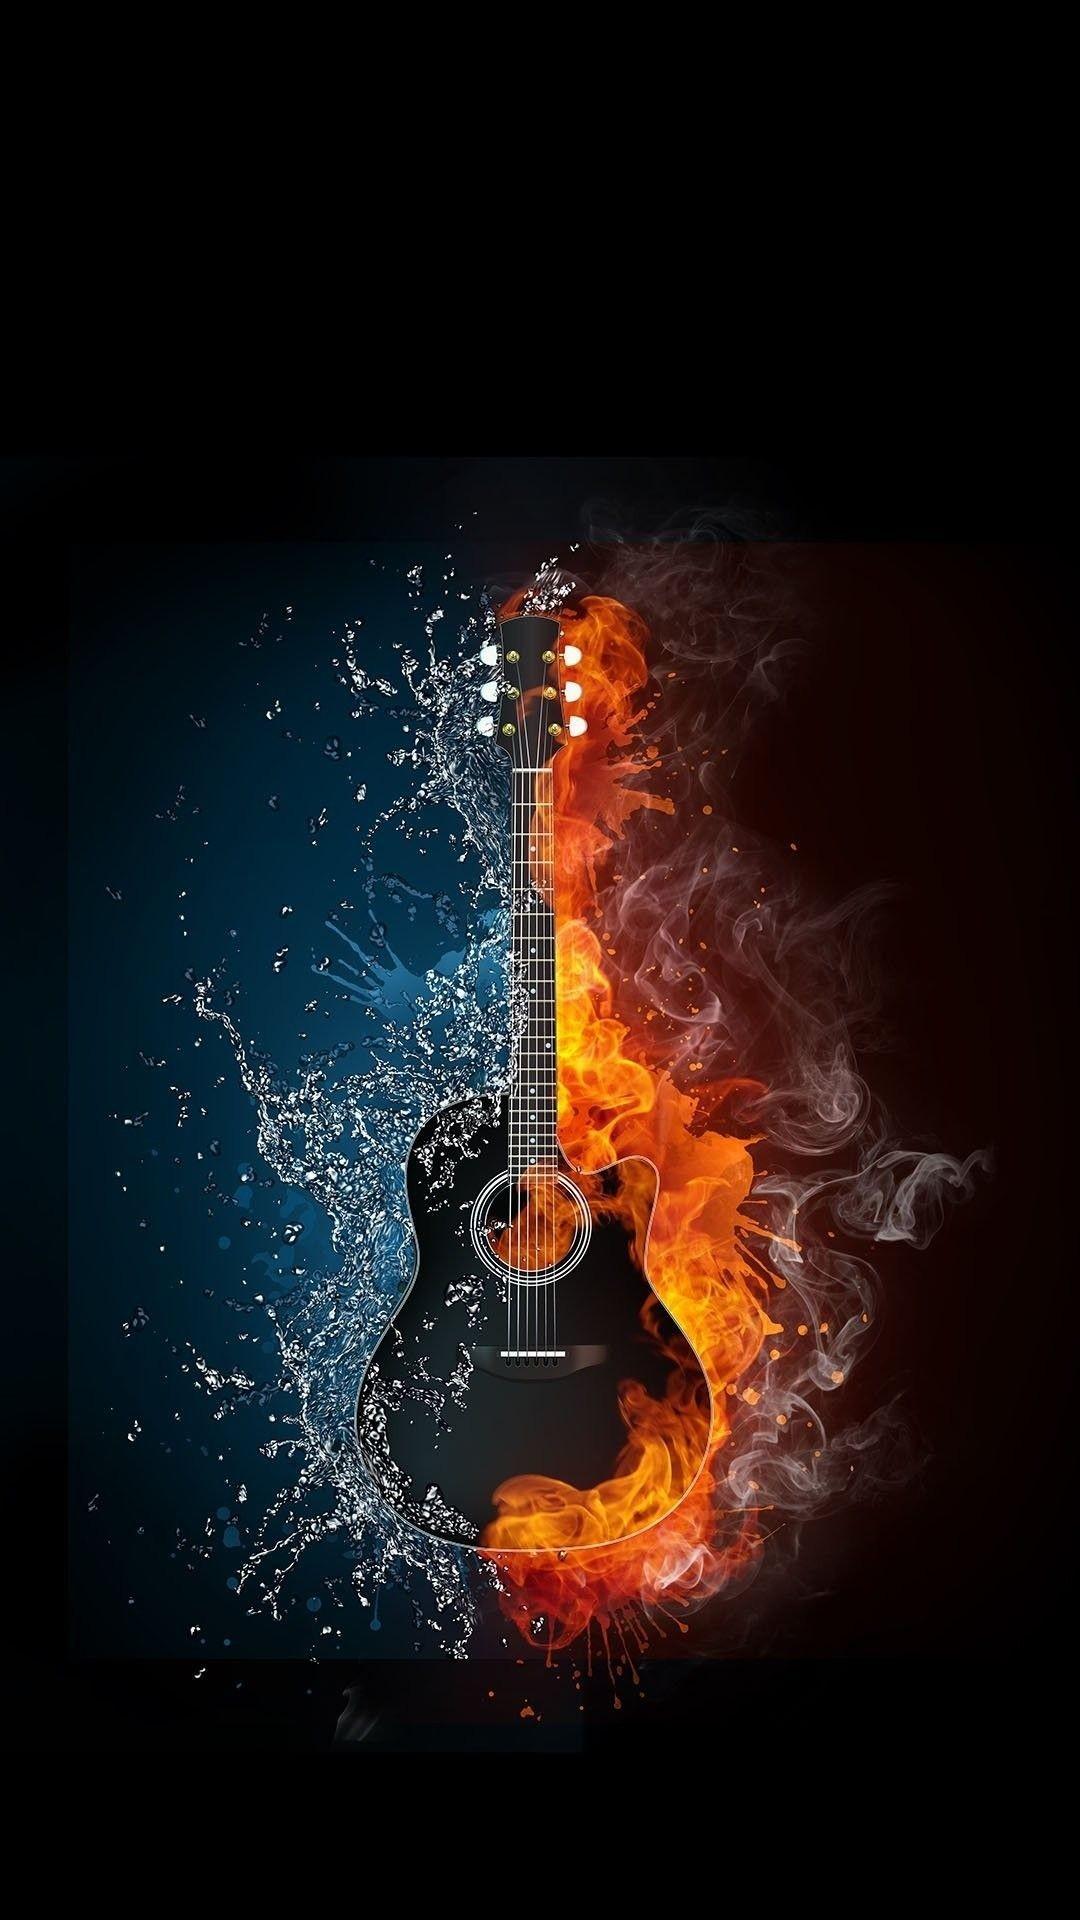 Flaming Guitar Wallpaper 73 Images